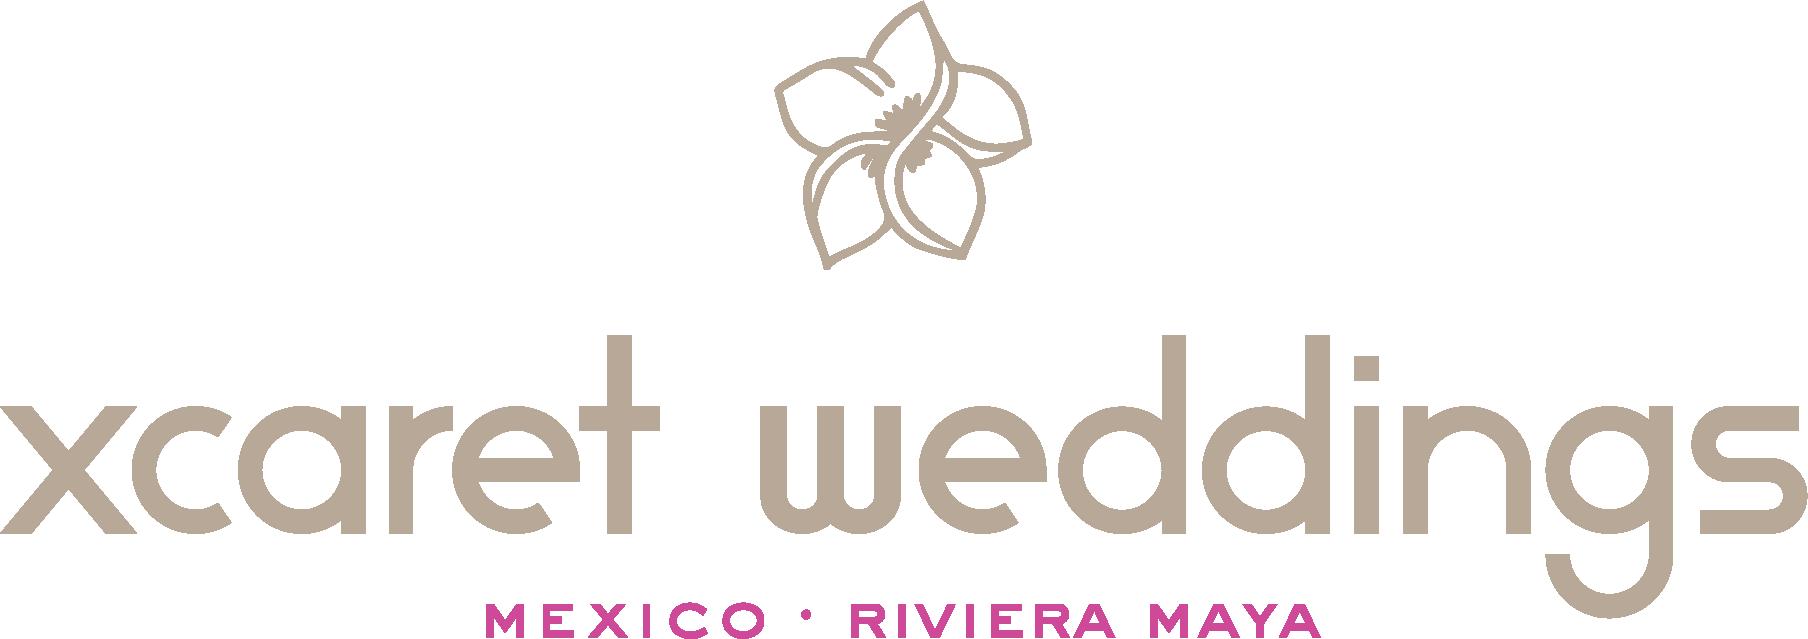 Xcaret weddings